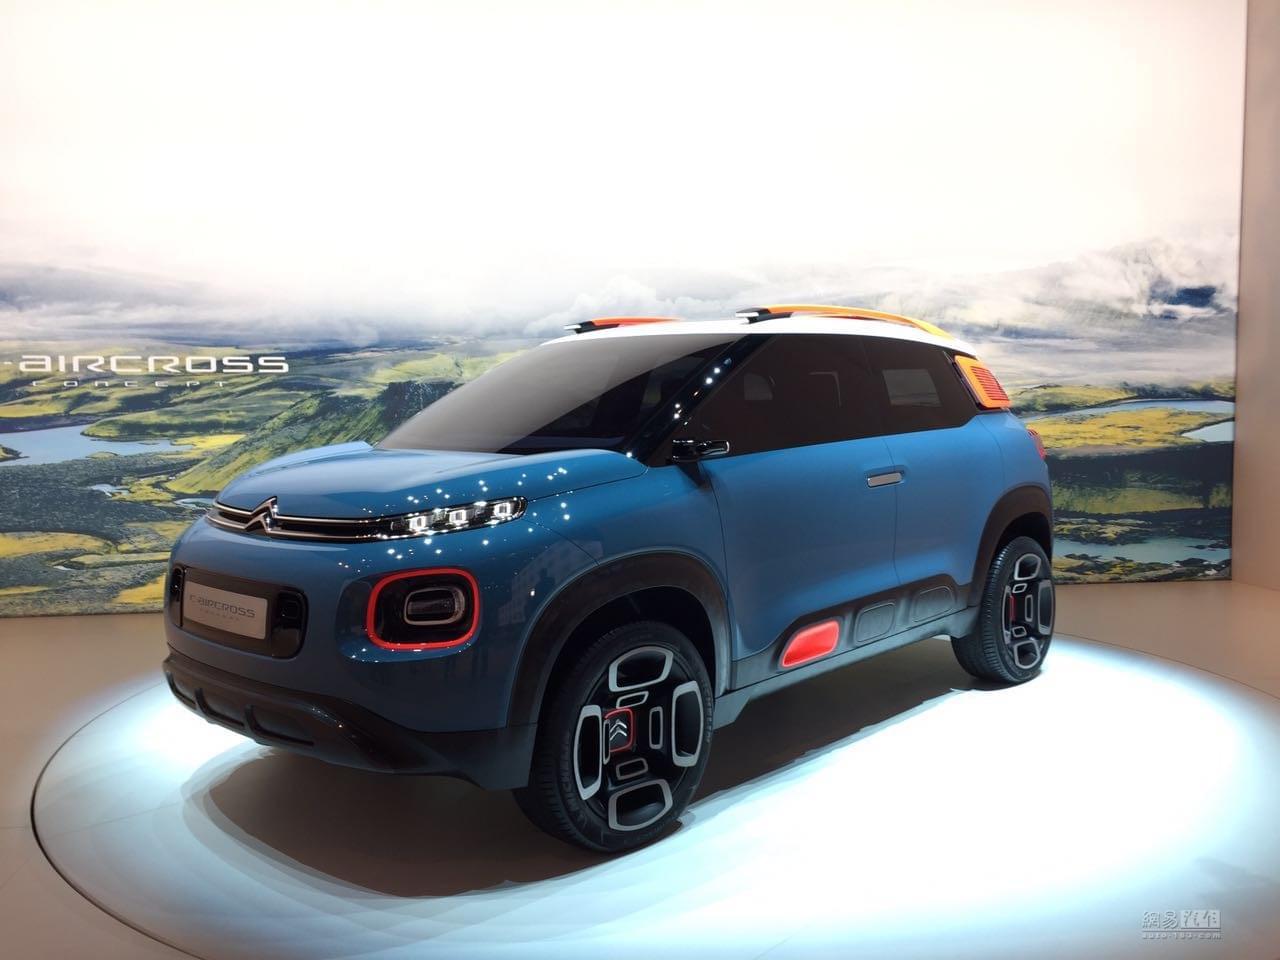 2017日内瓦车展:C-Aircross概念车发布